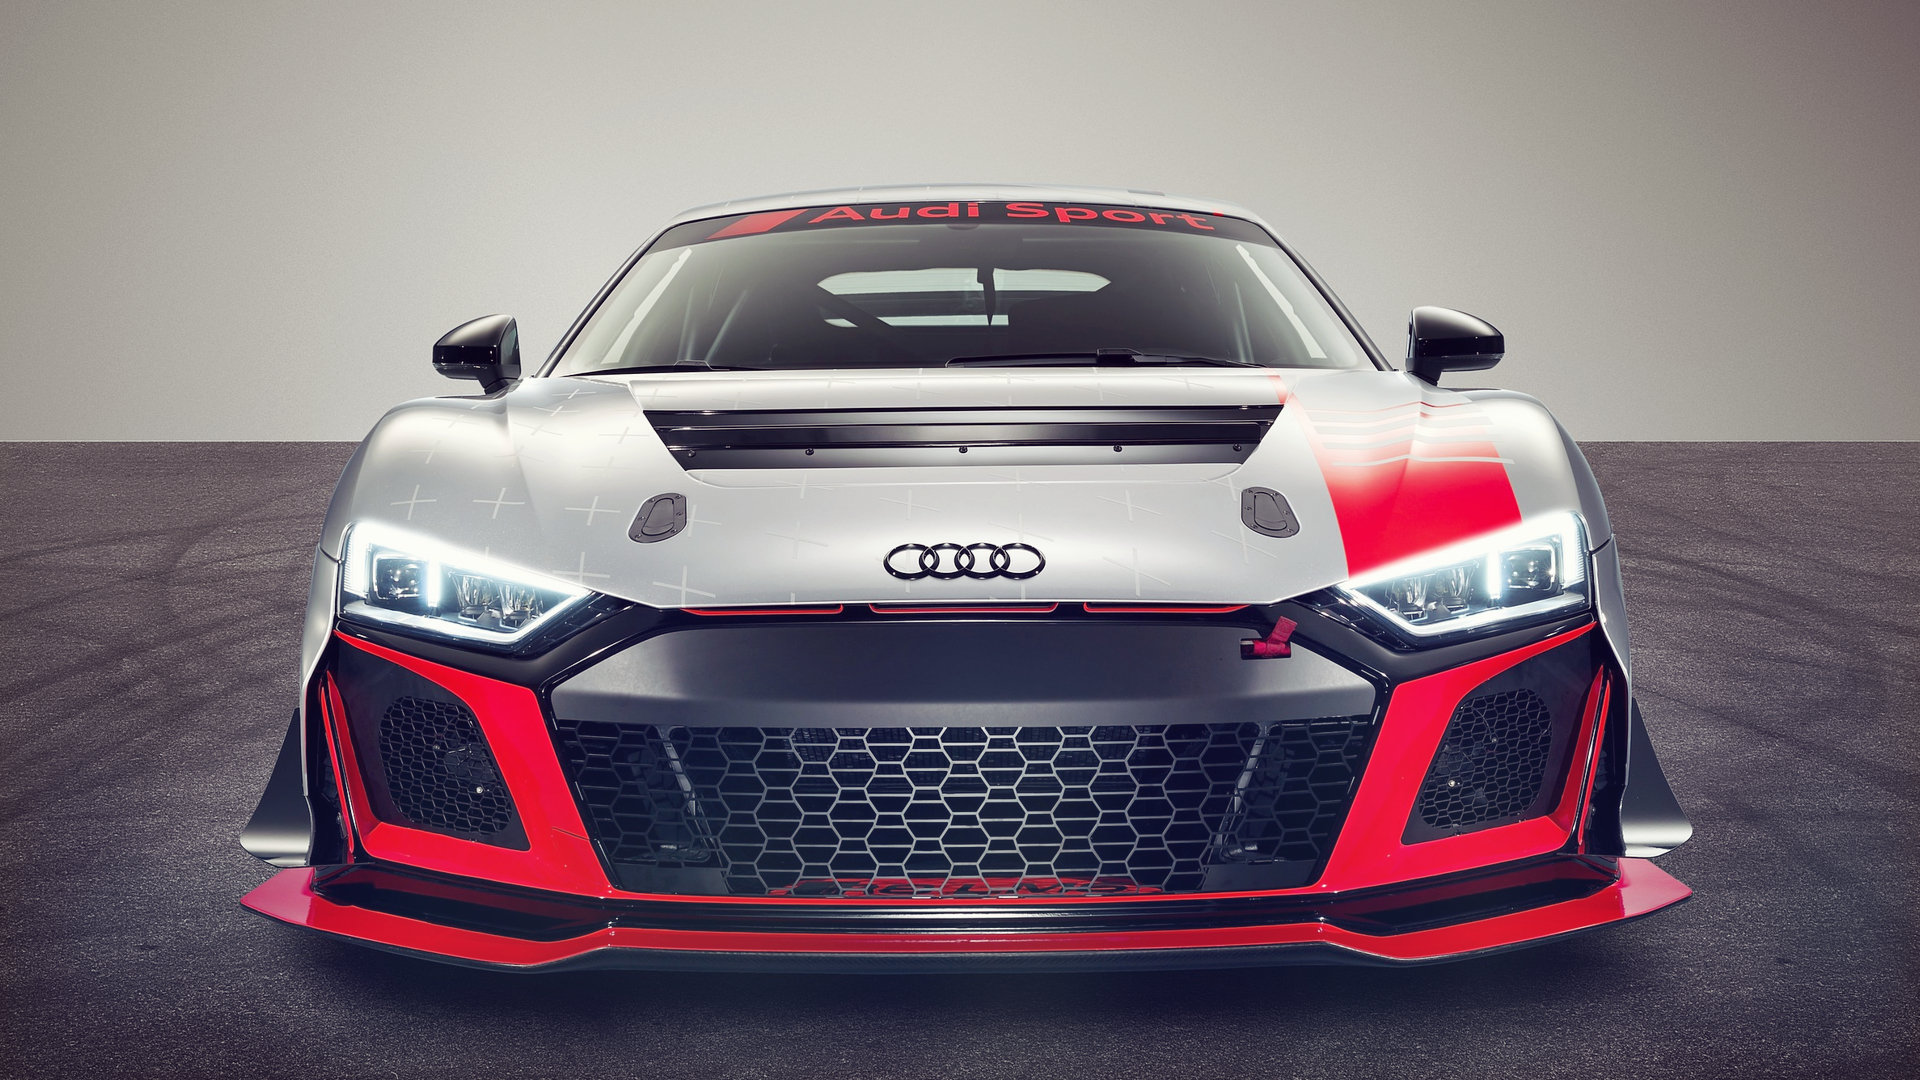 Audi R8 LMS GT4 2020